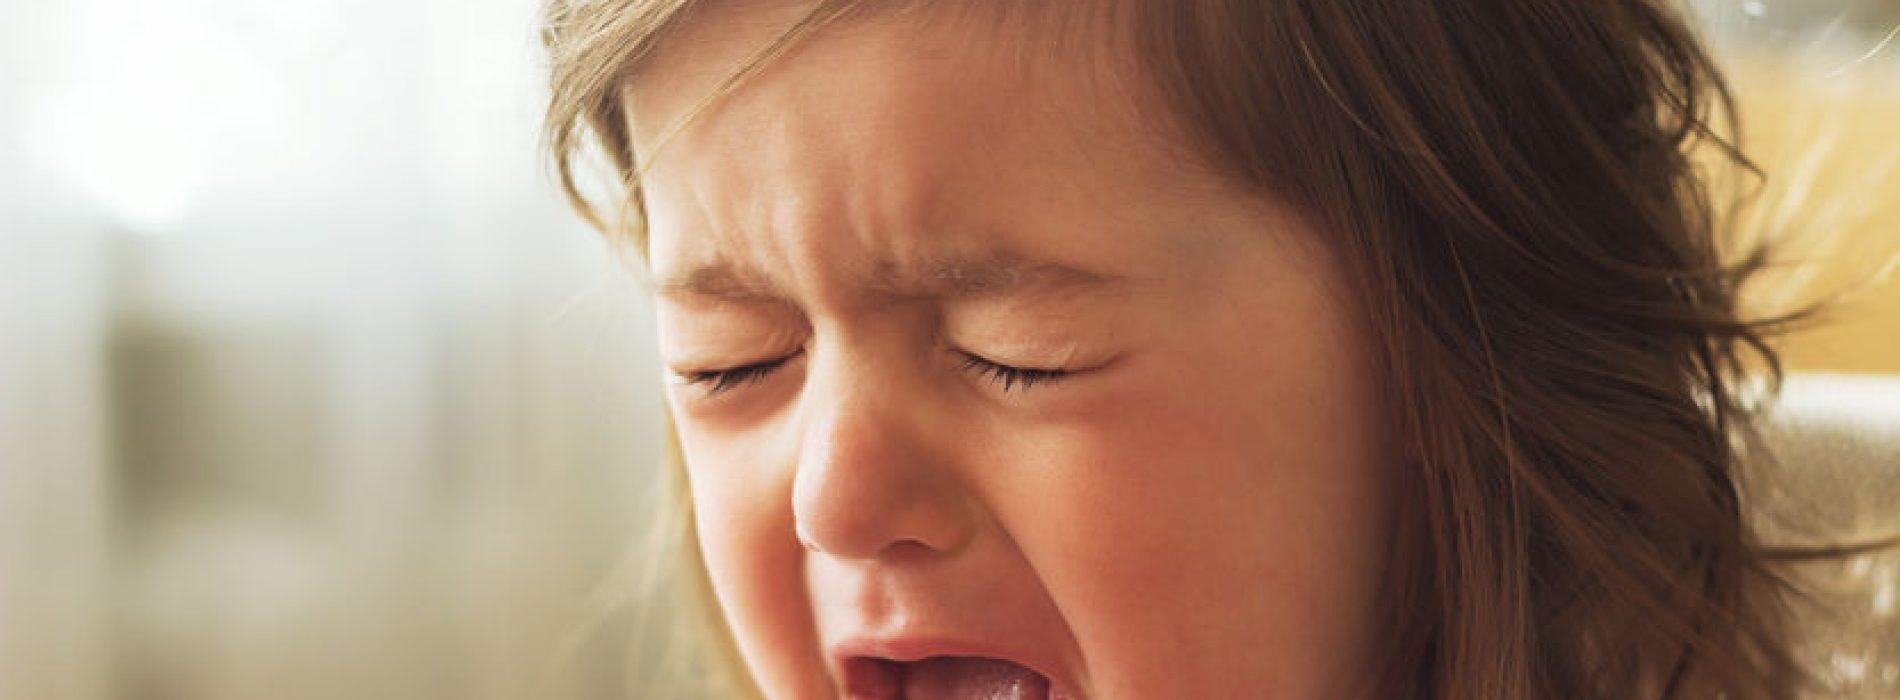 Naprzemienna hemiplegia dziecięca